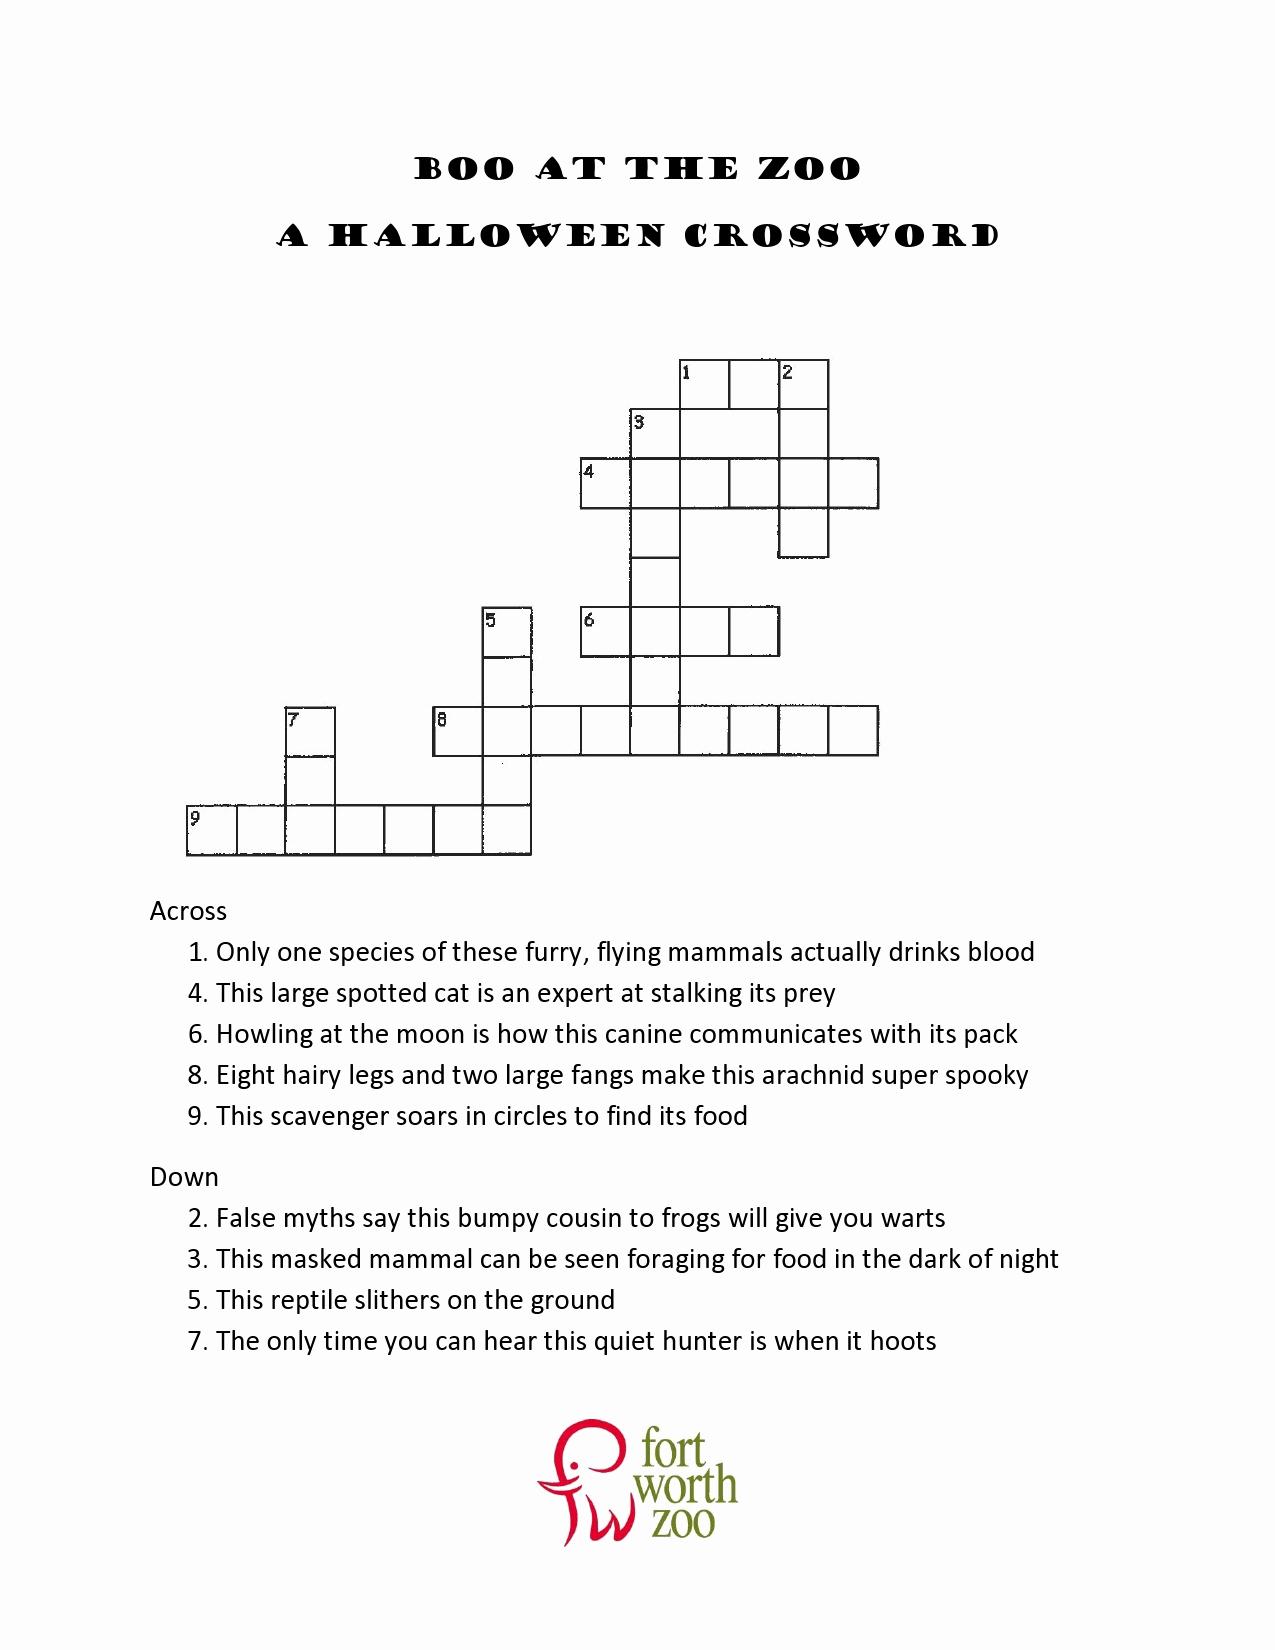 3rd Grade Brain Teasers Worksheets Luxury 11 Best Of Printable Brain Teasers Worksheets with